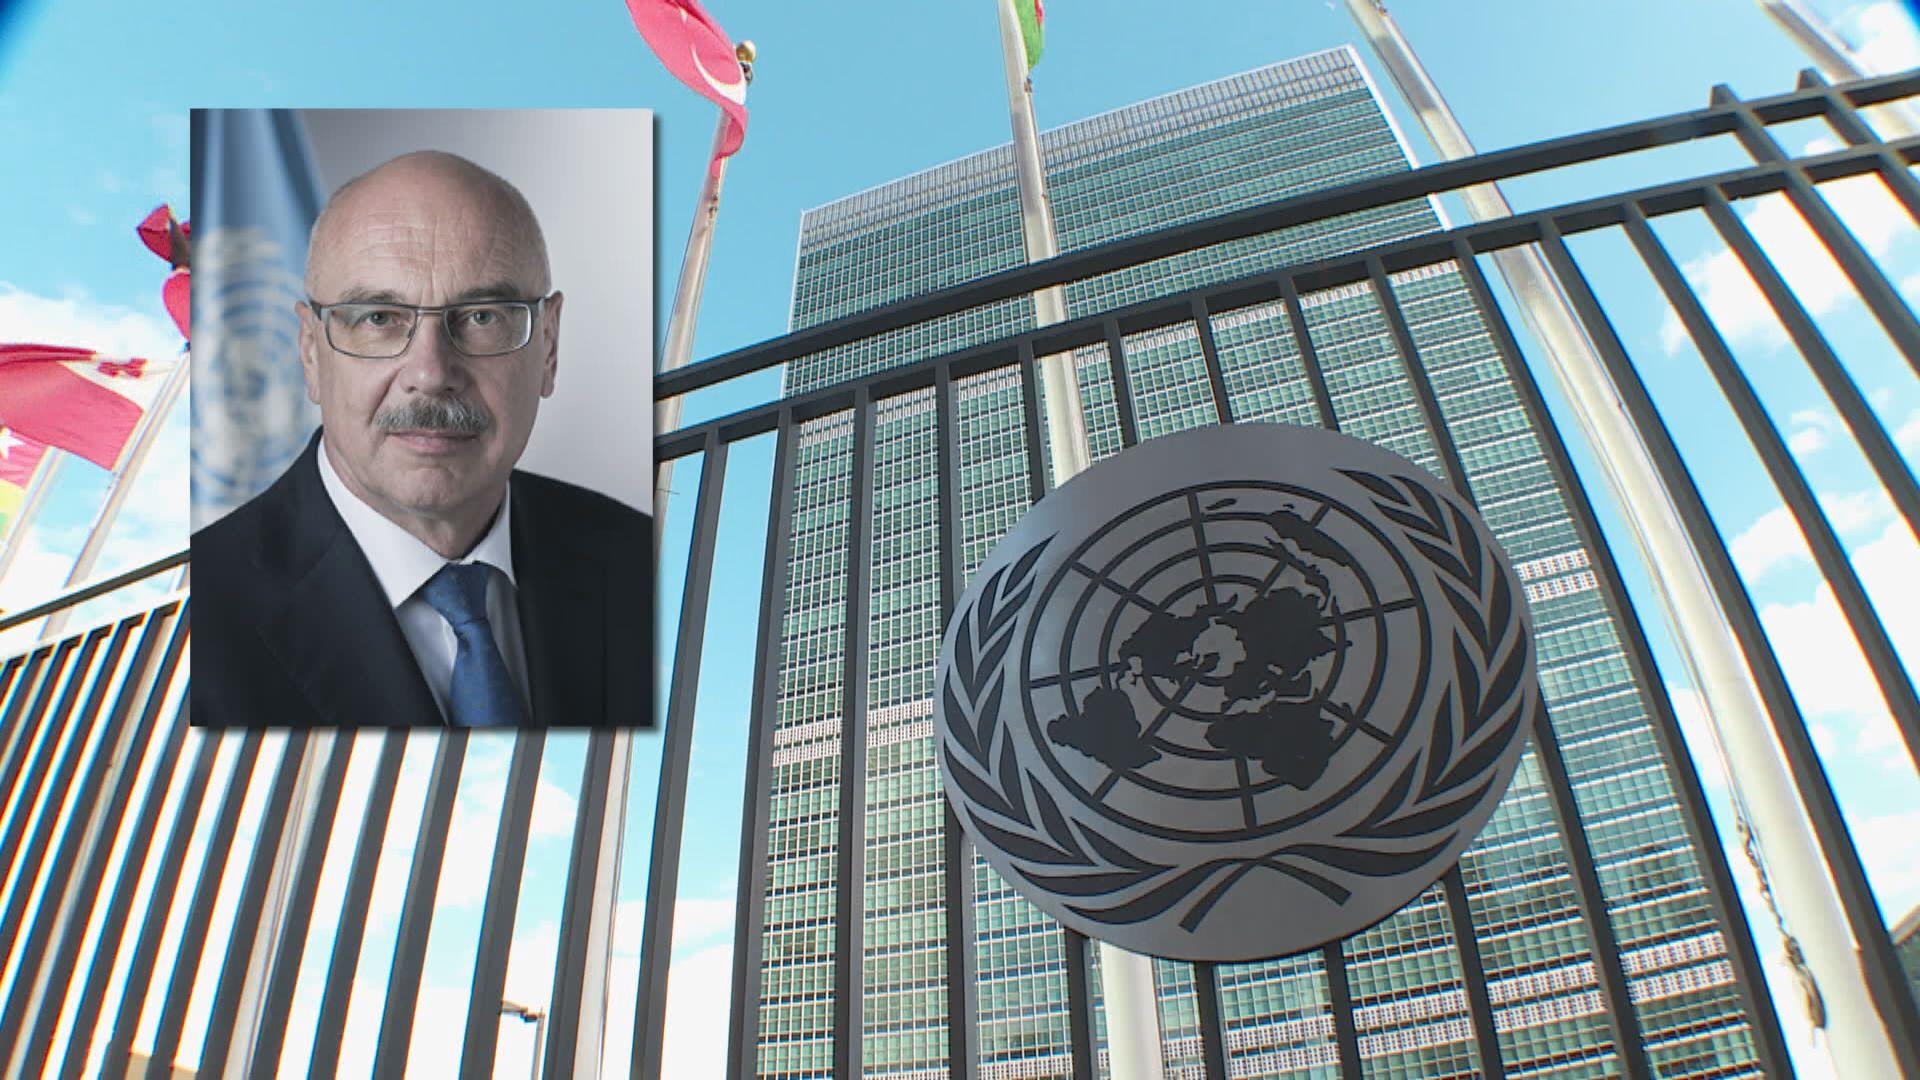 聯合國反恐事務官員訪新疆惹批評